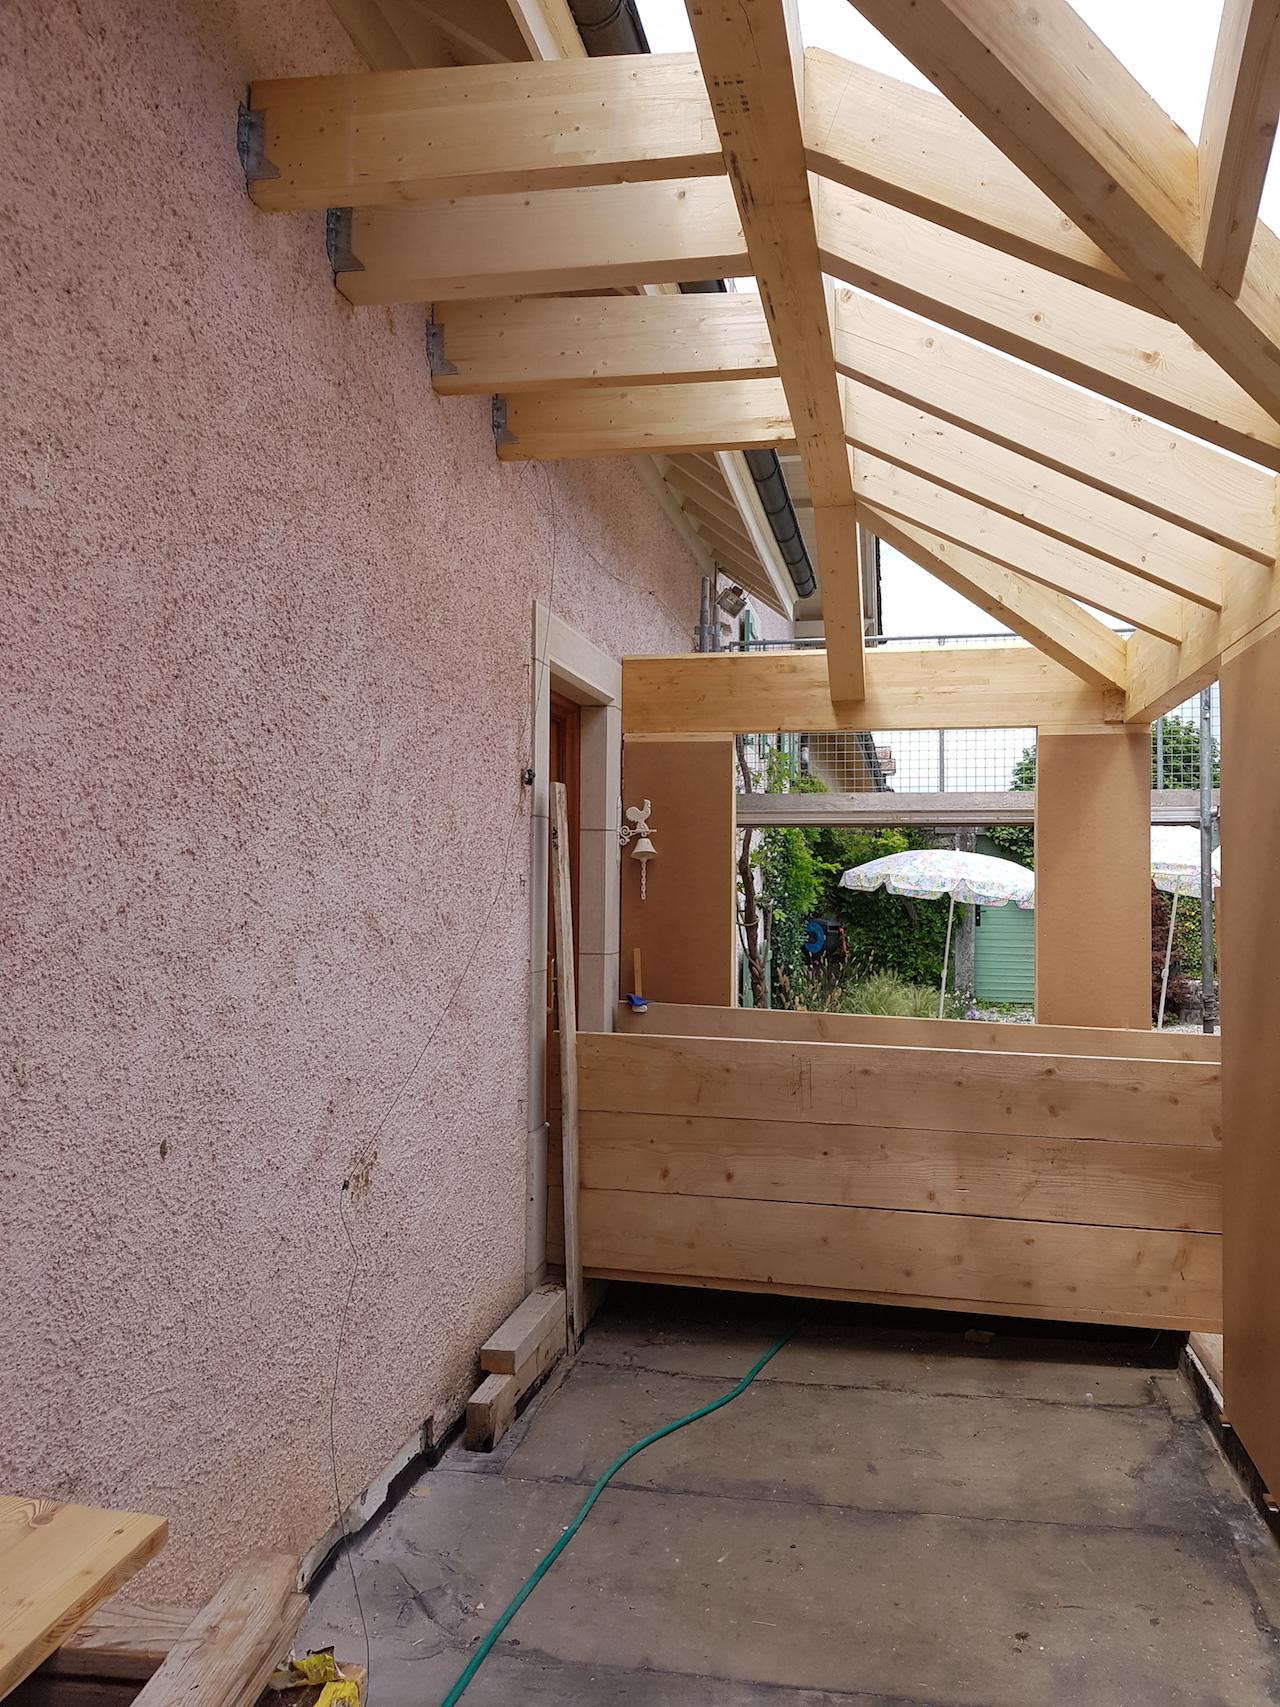 CSDK Construction pre%CC%81fabrique%CC%81e en bois 2 - Engagement durable - CSDK Construction pre%CC%81fabrique%CC%81e en bois 2